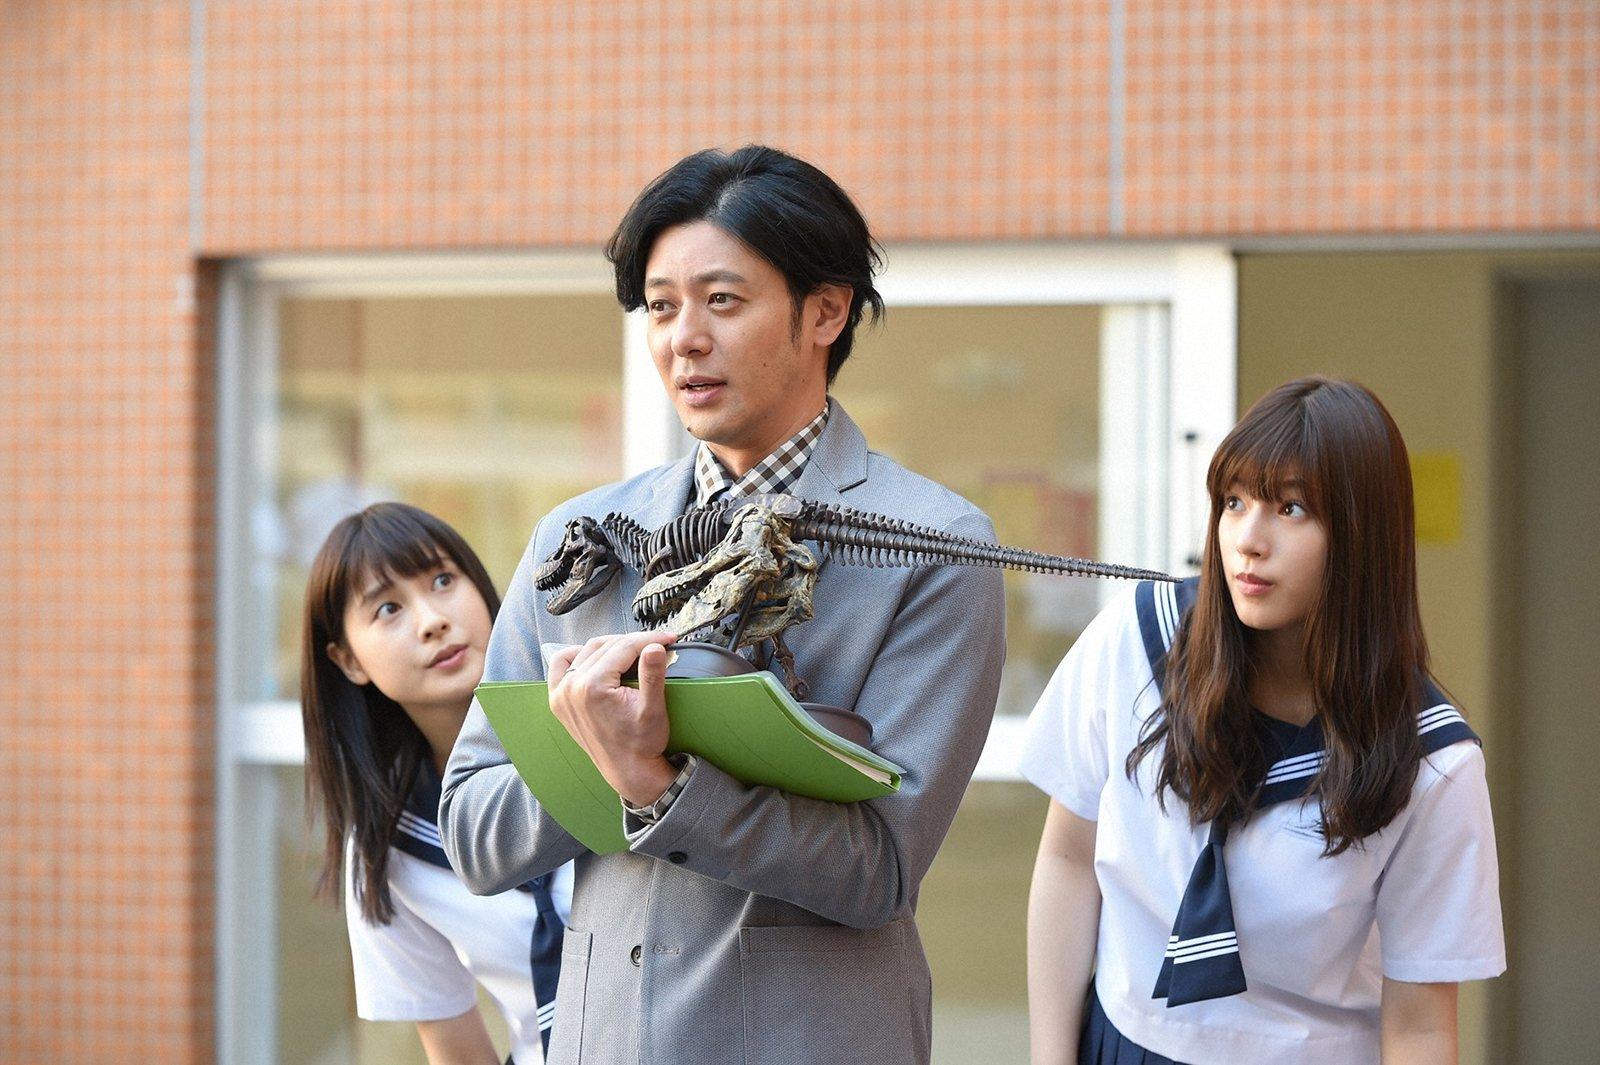 「チア☆ダン第2話」的圖片搜尋結果